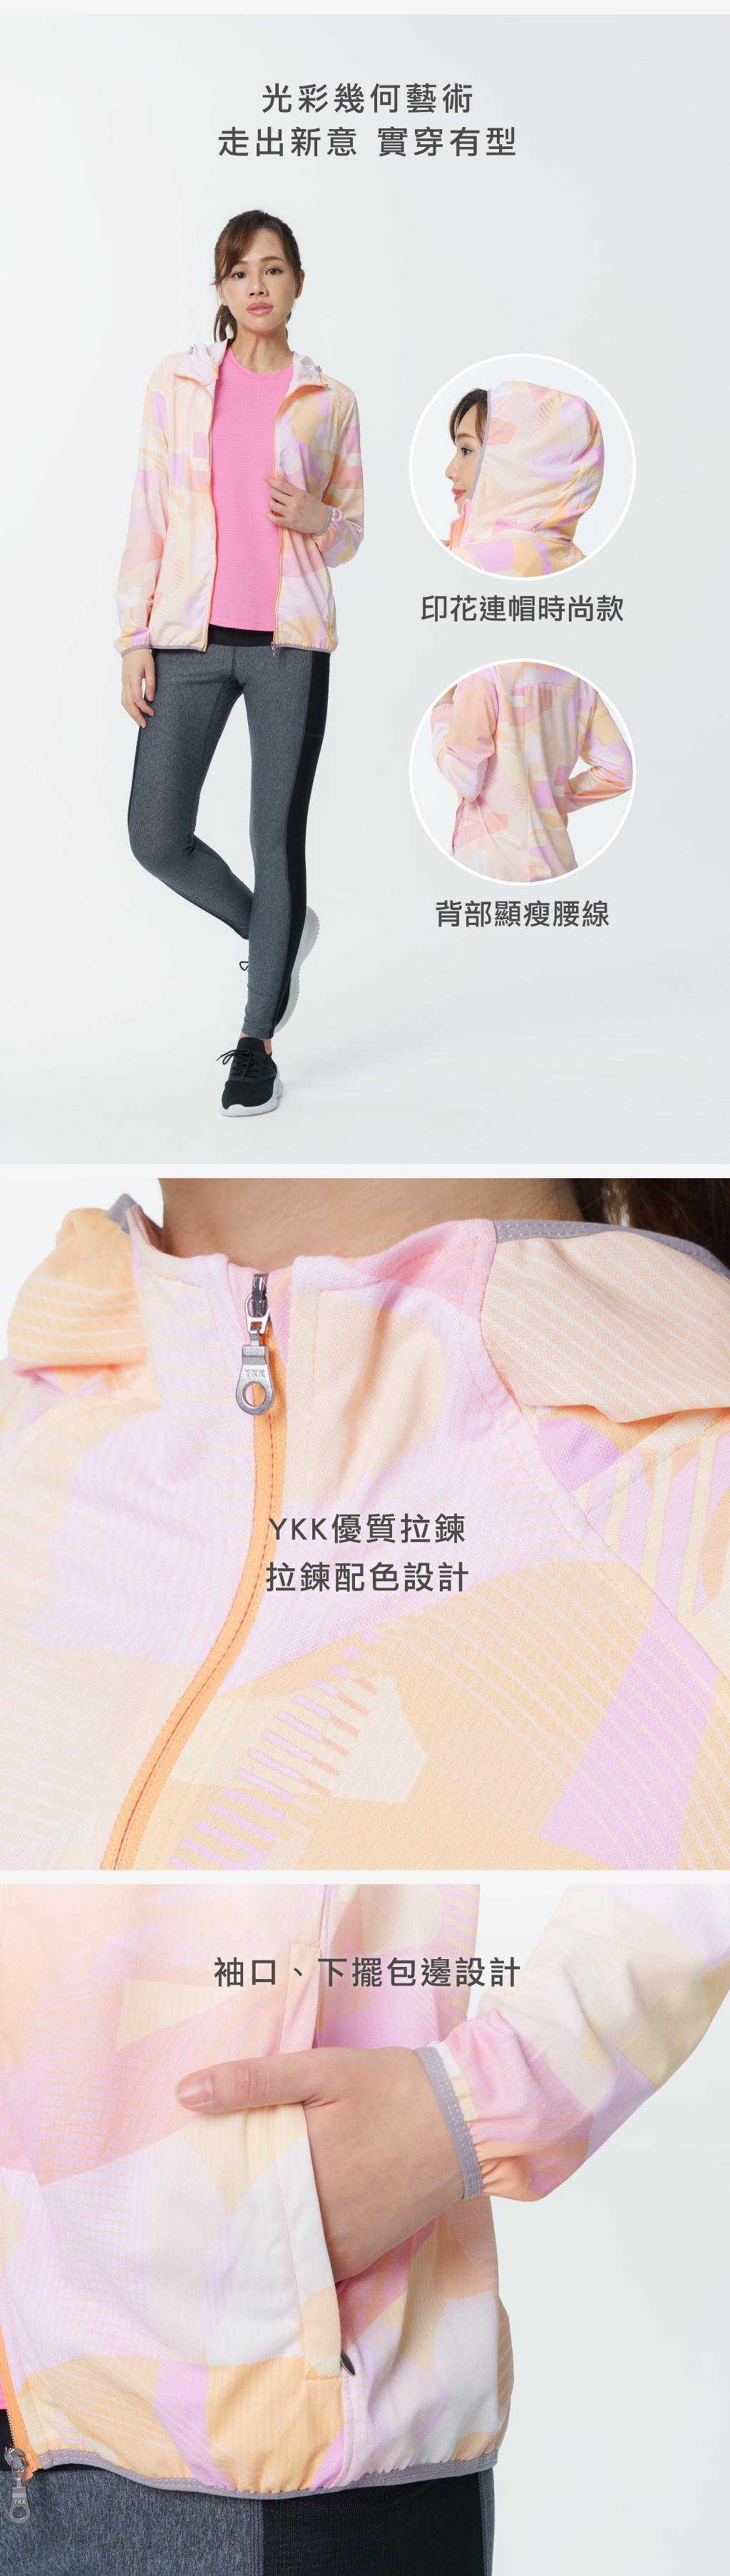 專利吸排女印花連帽外套-YA系列-享動時尚-宜而爽 YOURSUN 都會機能舒適生活服飾